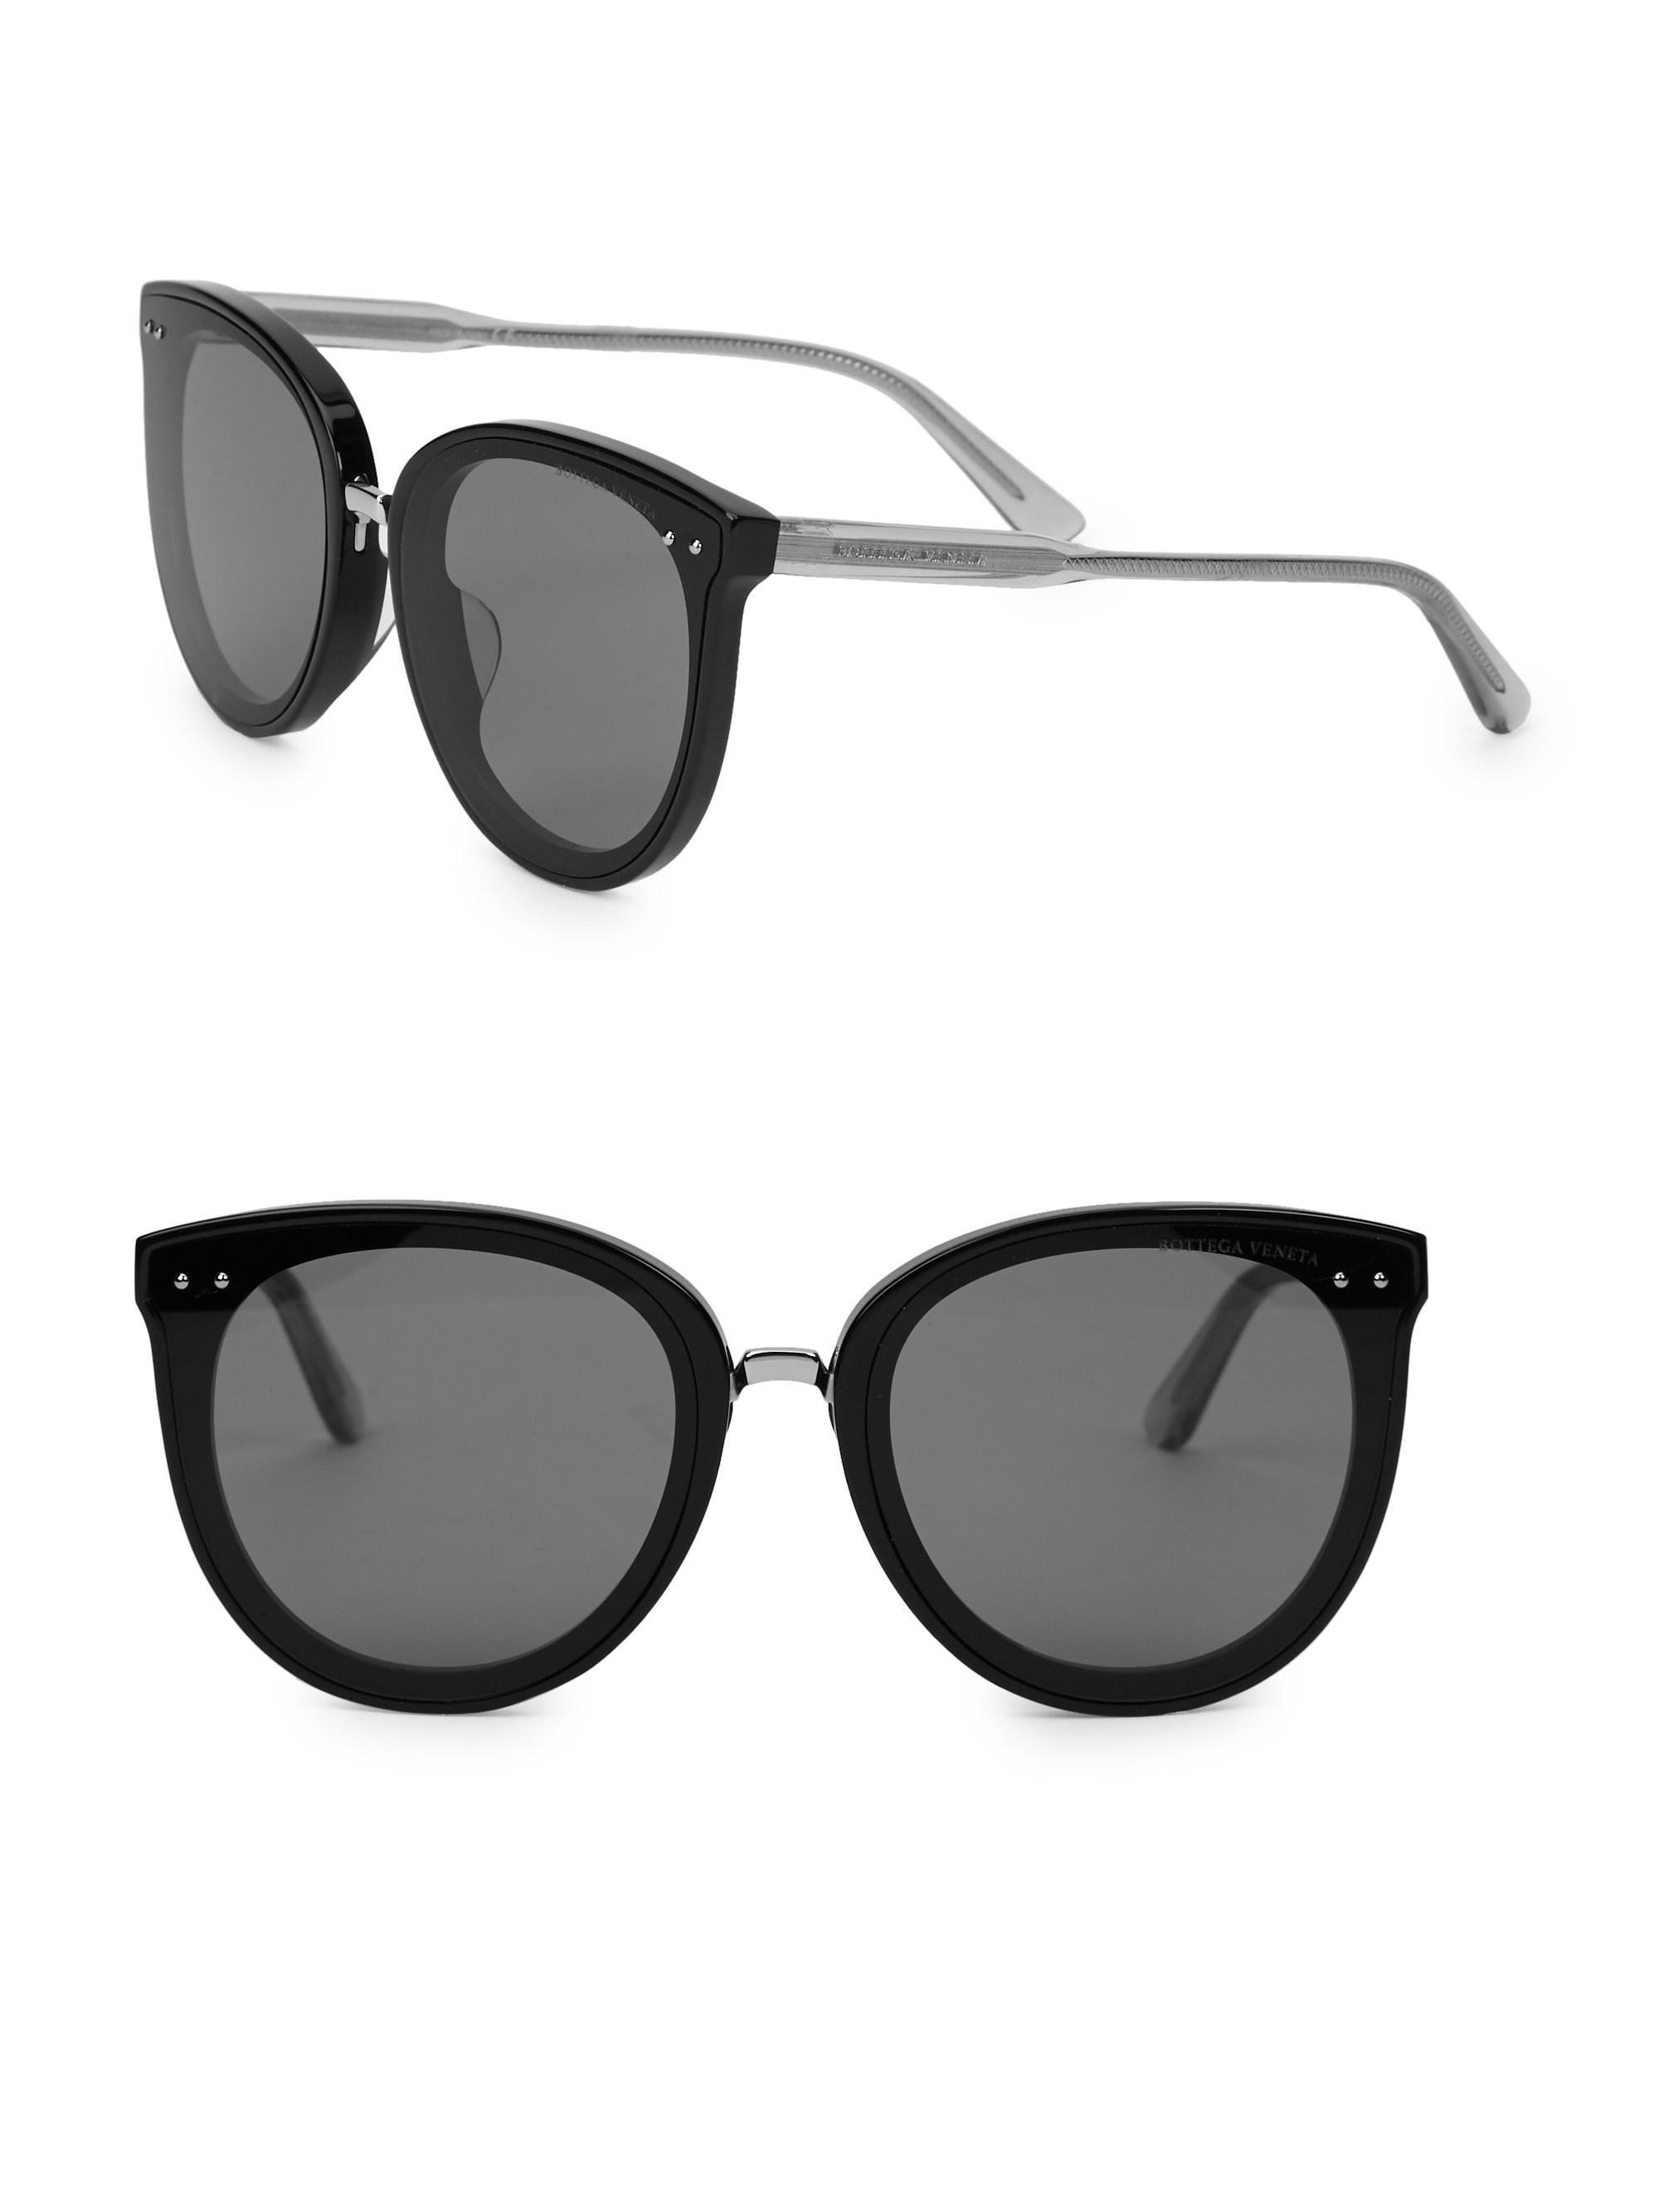 4e048fbf05d Lyst - Bottega Veneta Timeless Elegance 62mm Cat Eye Sunglasses in Black